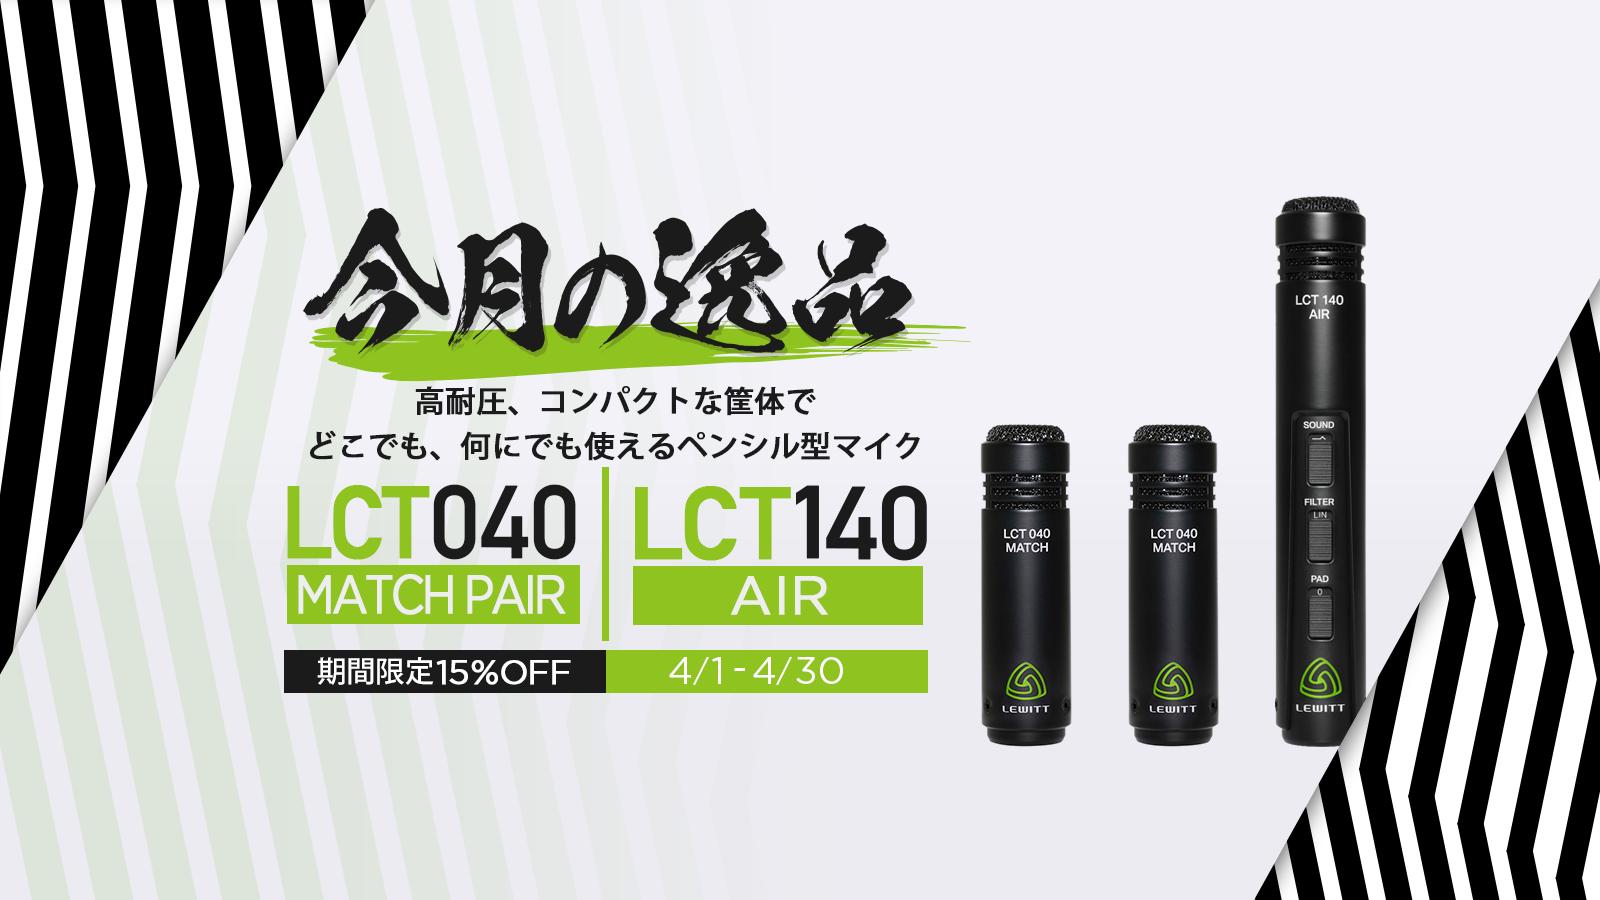 今月の逸品 – あらゆる楽器に最適なペンシルマイク LCT 040 MATCH PAIR & LCT 140 AIRを特別価格で